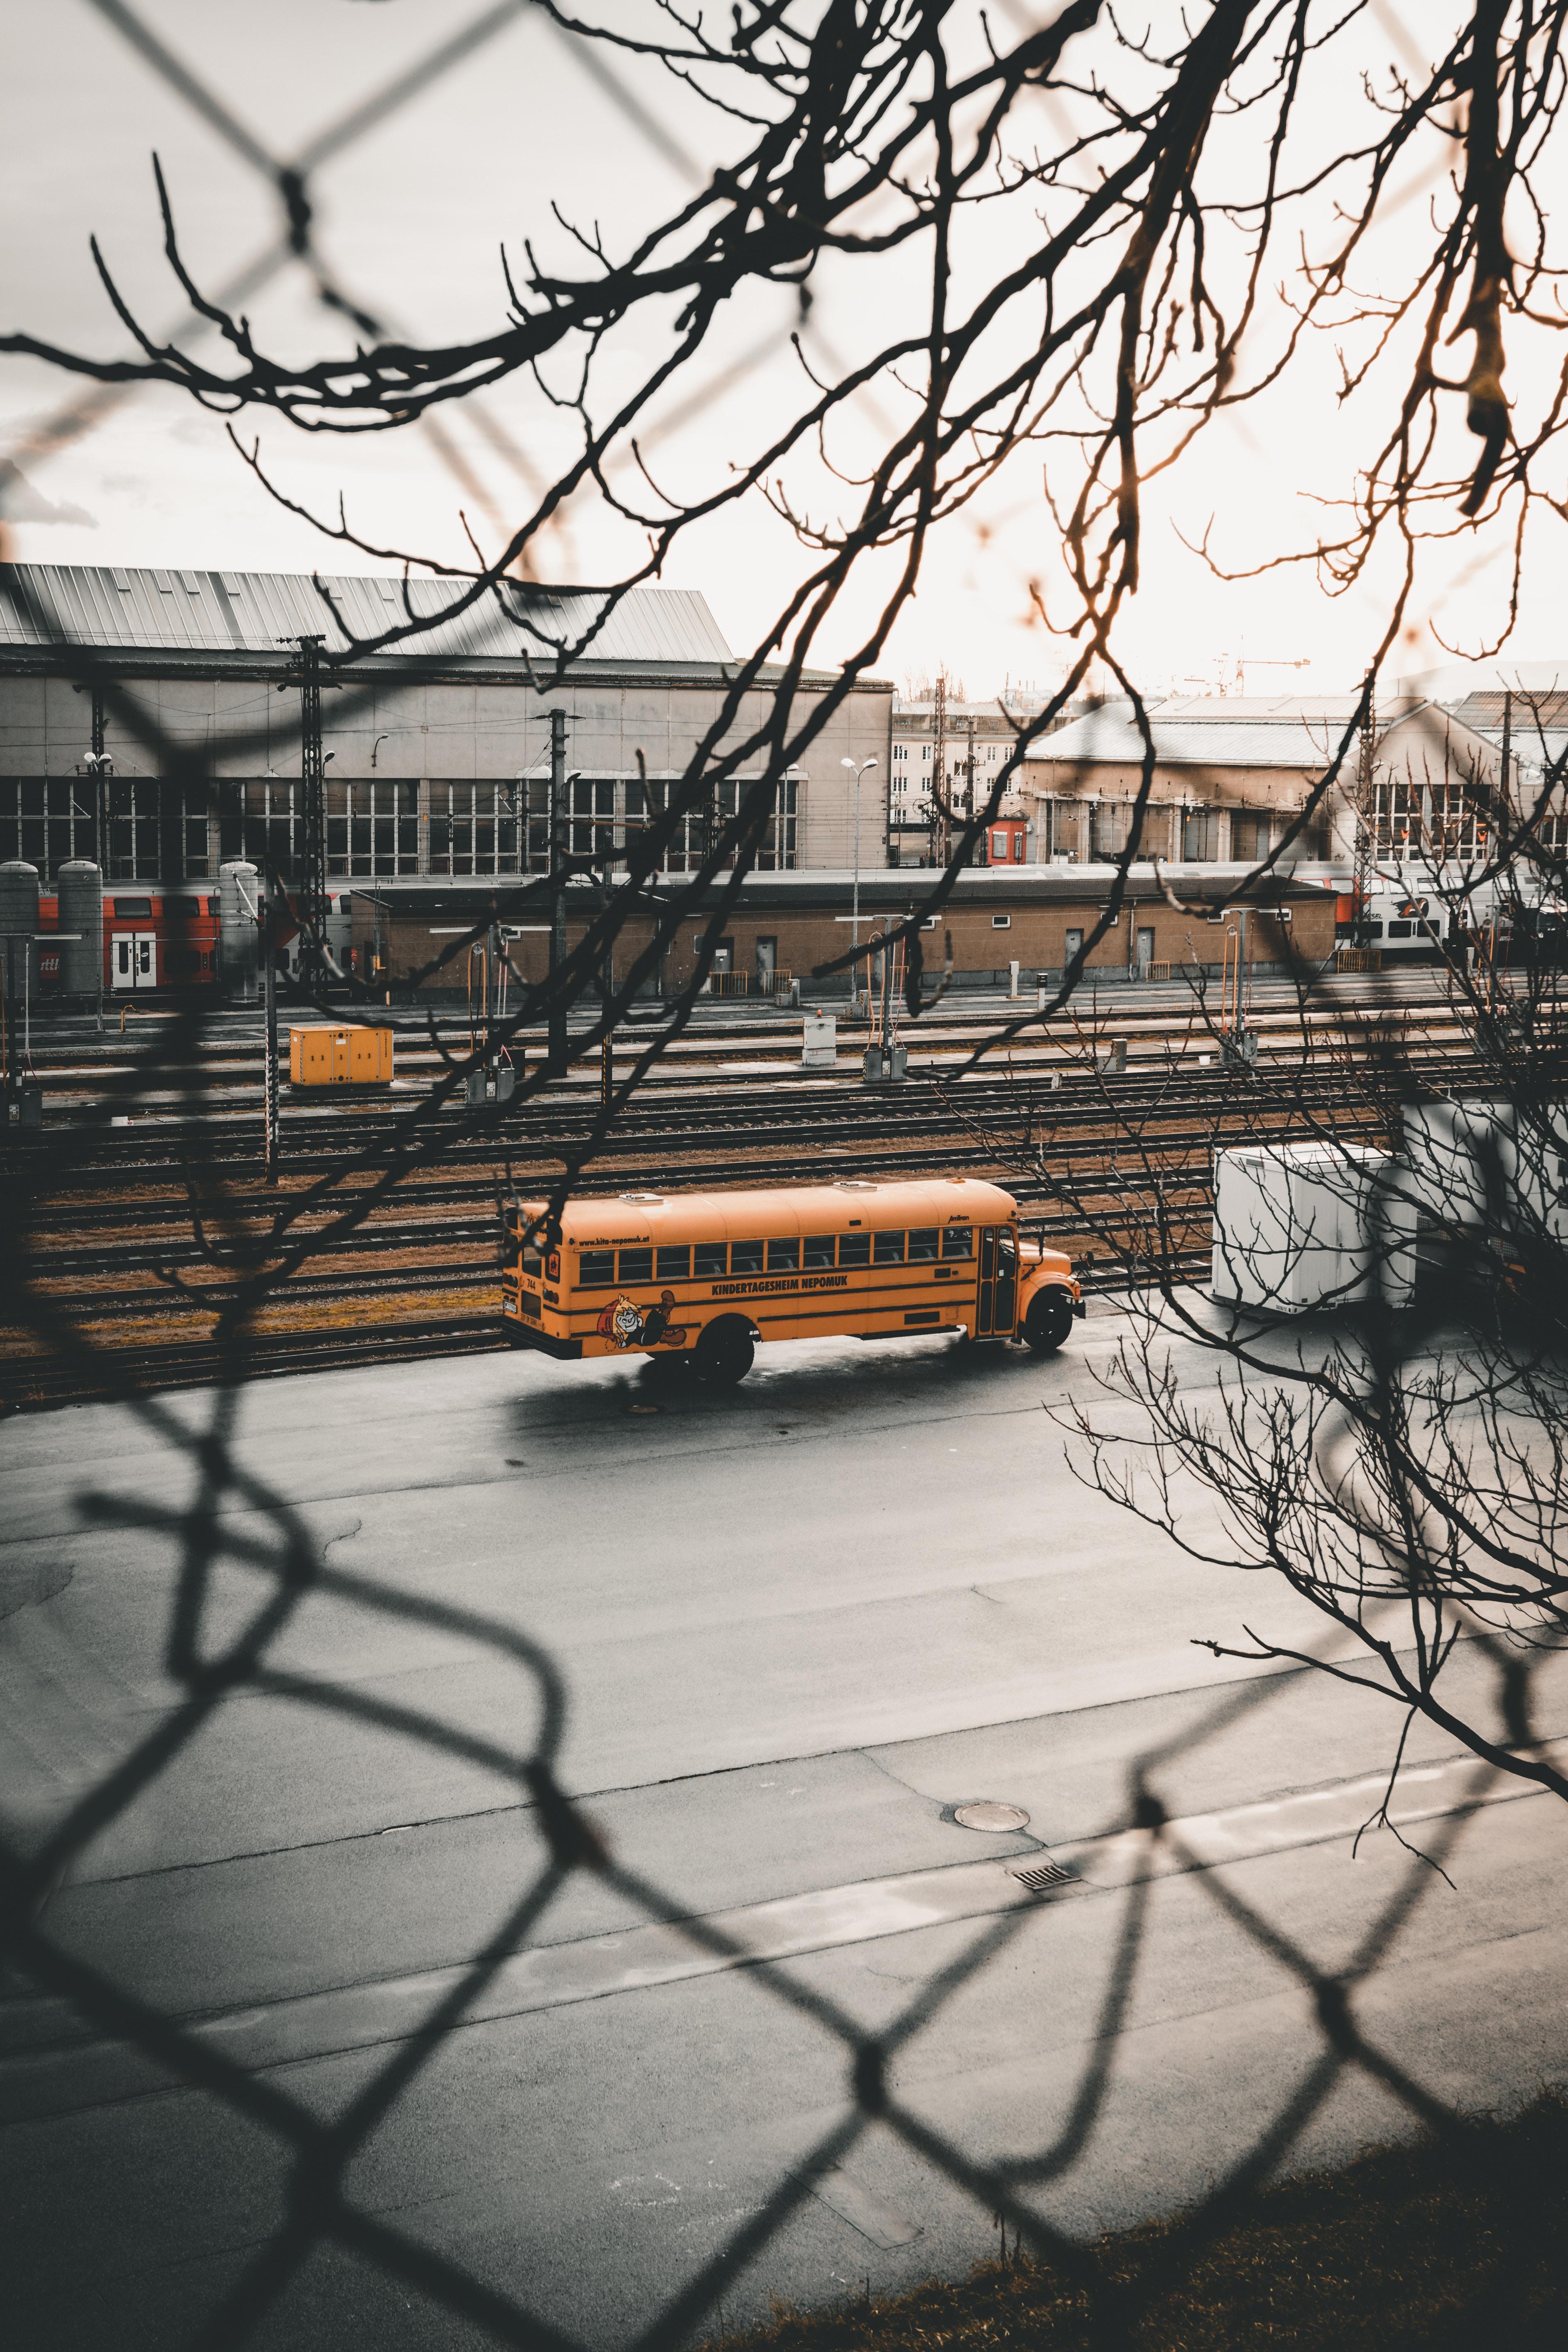 82643 скачать обои Тачки (Cars), Город, Дорога, Ветки, Автобус - заставки и картинки бесплатно